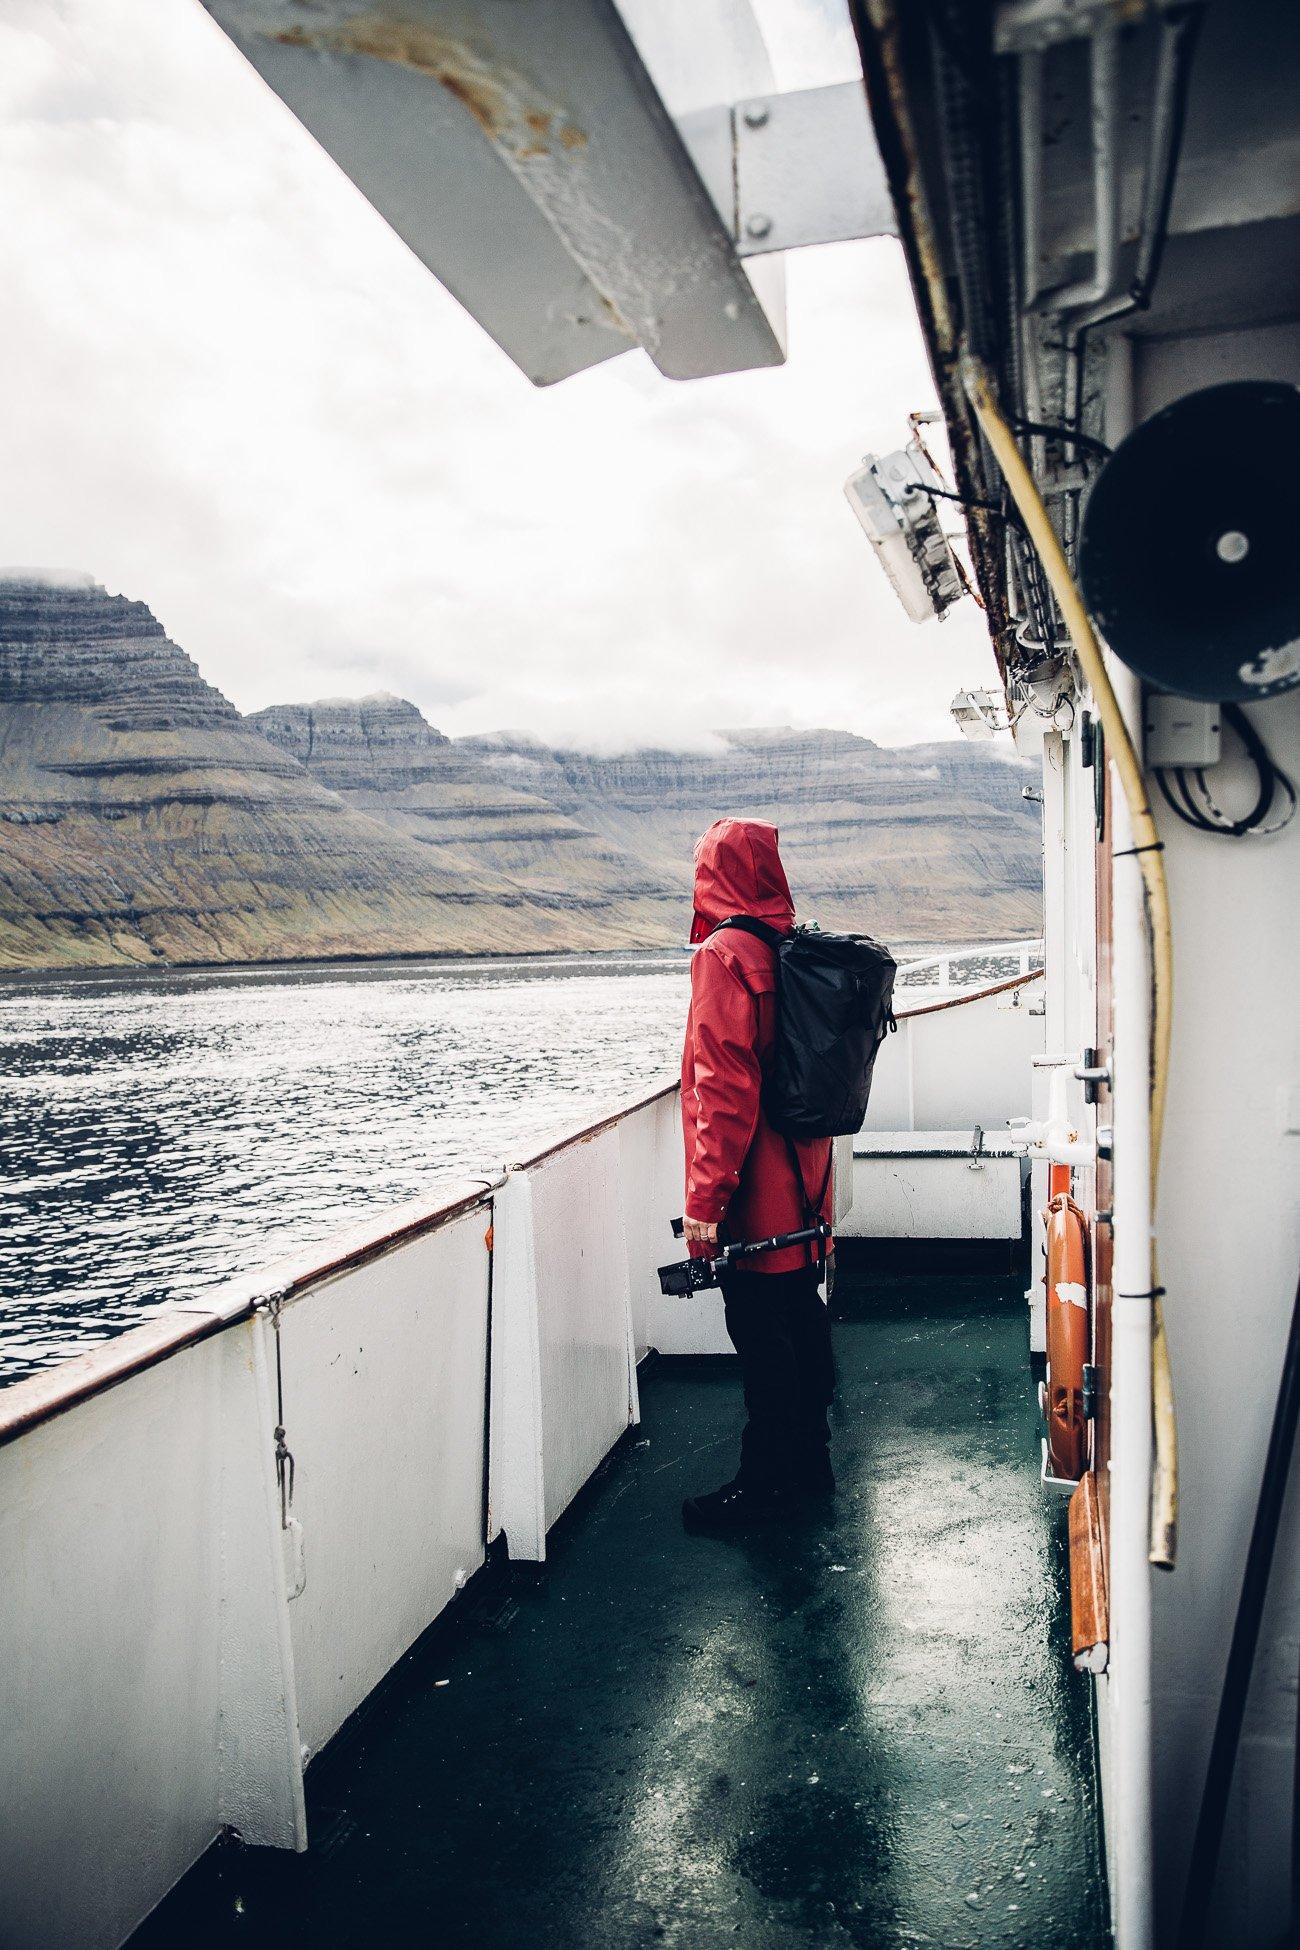 Ferry service on the Faroe Islands